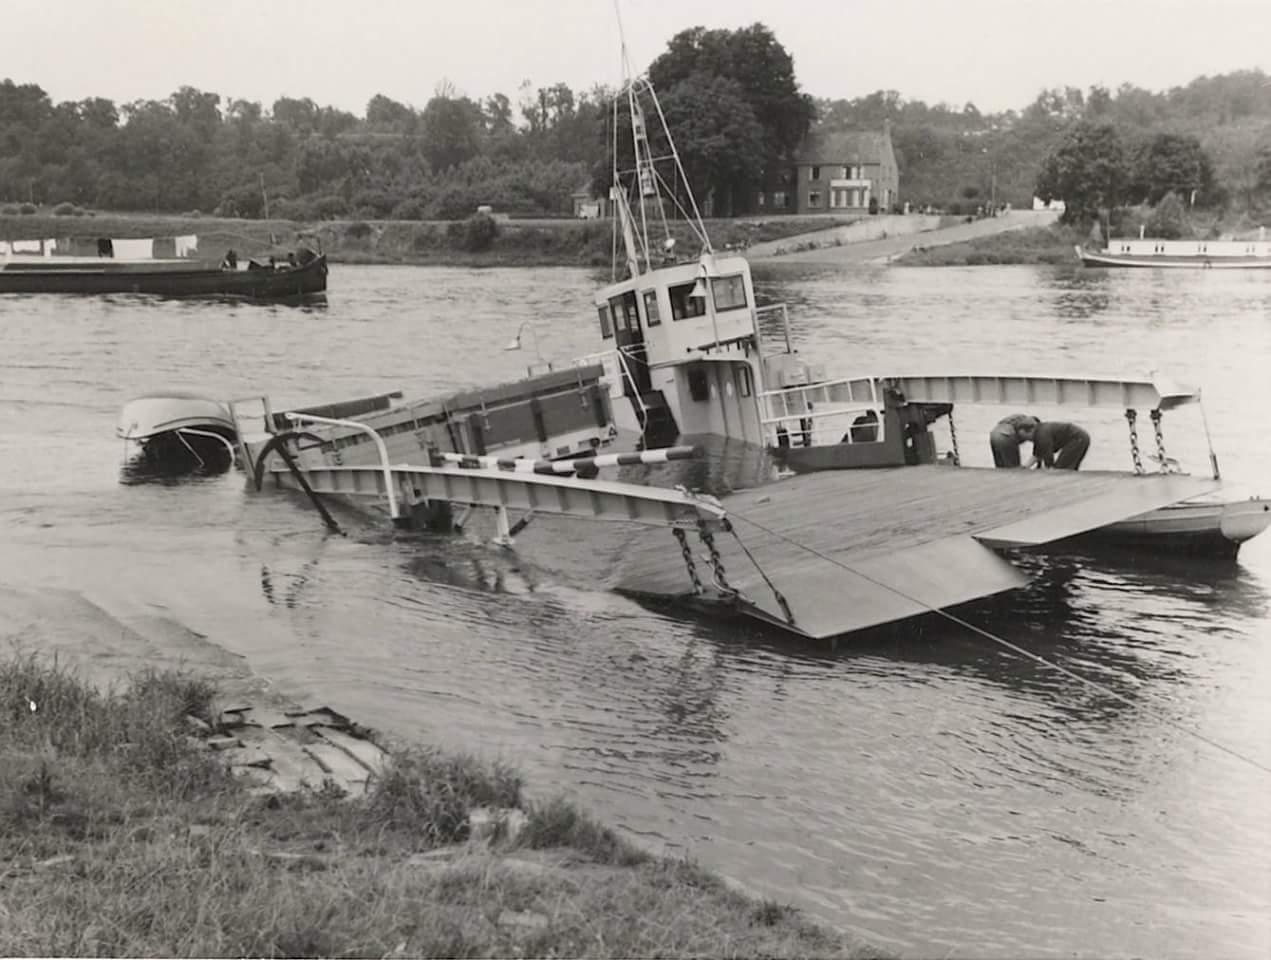 1957-foto-gemaakt-door-Jac-Rauws-ingezonden-door-Willem-Ruisch-Veerpont-Lexkesveer-Eageningen-Randwijk-4